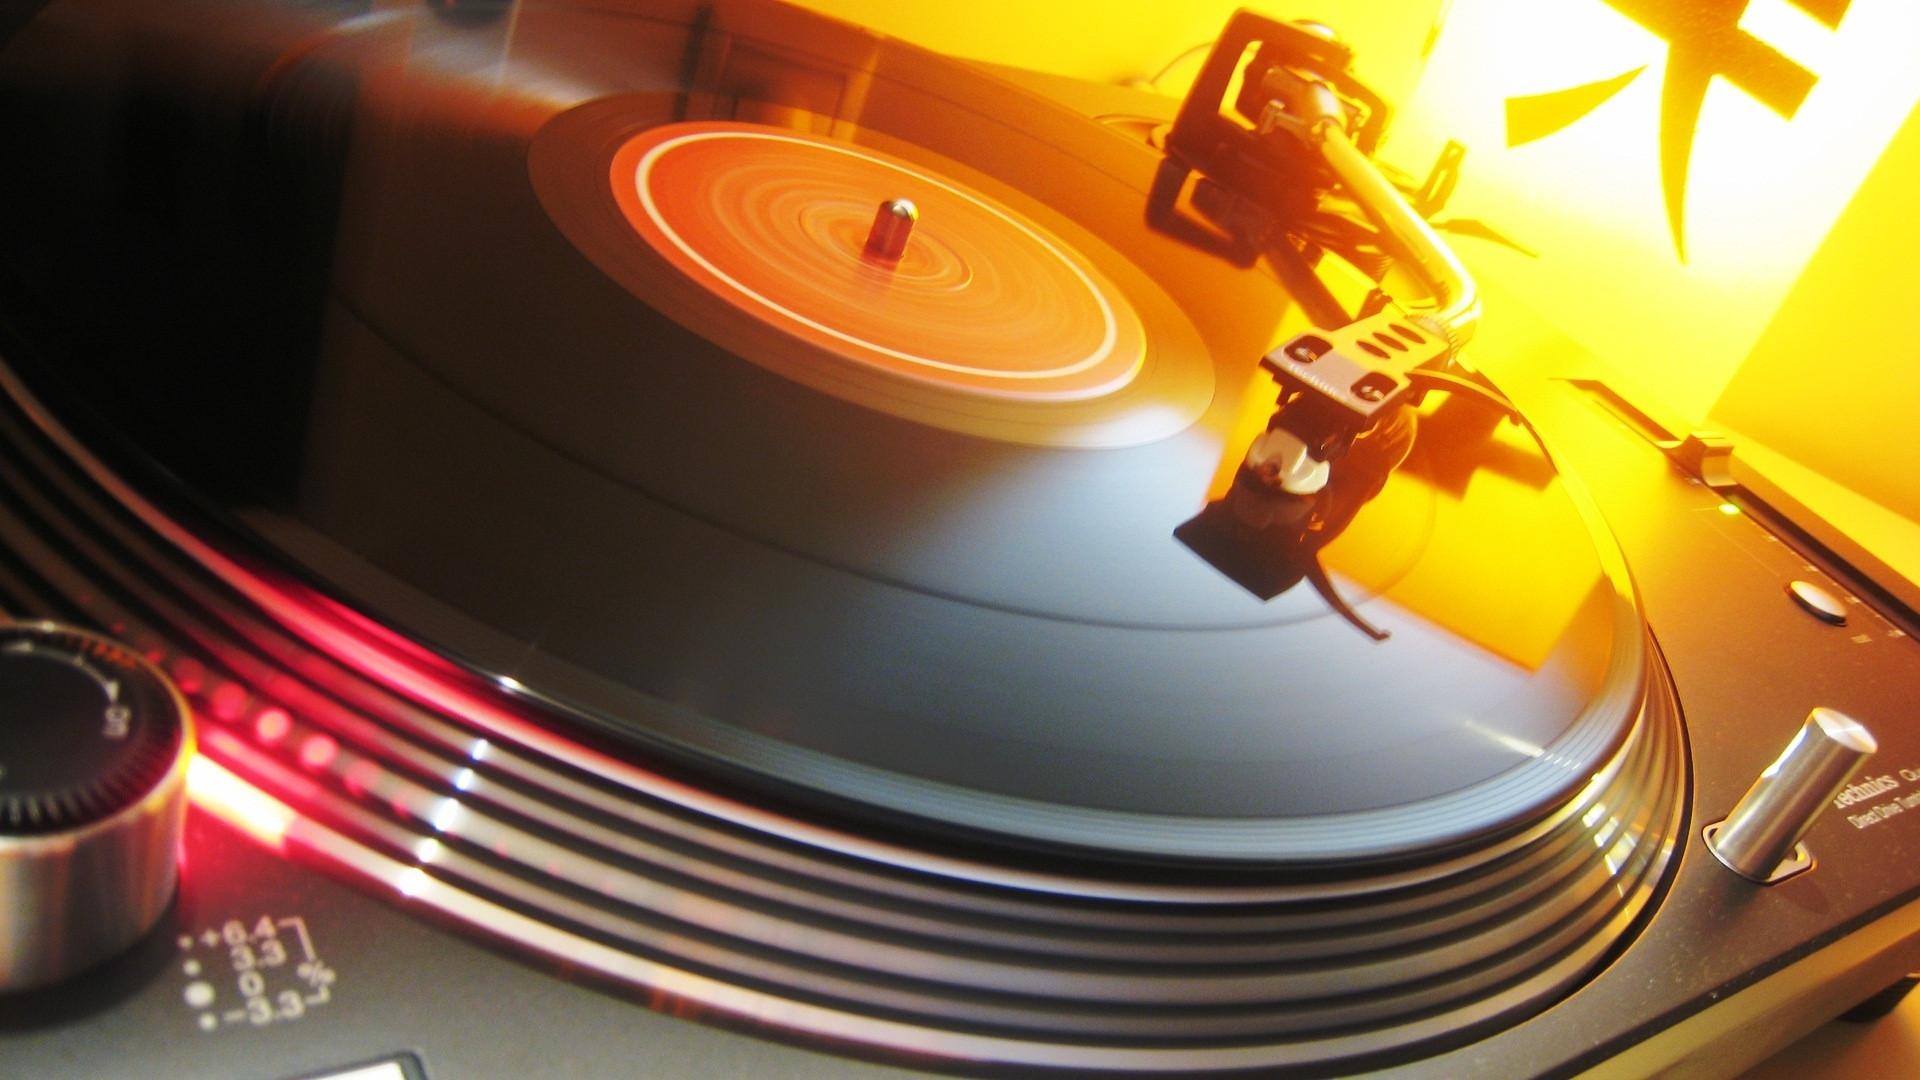 U petak 23. listopada kreće DJ radionica